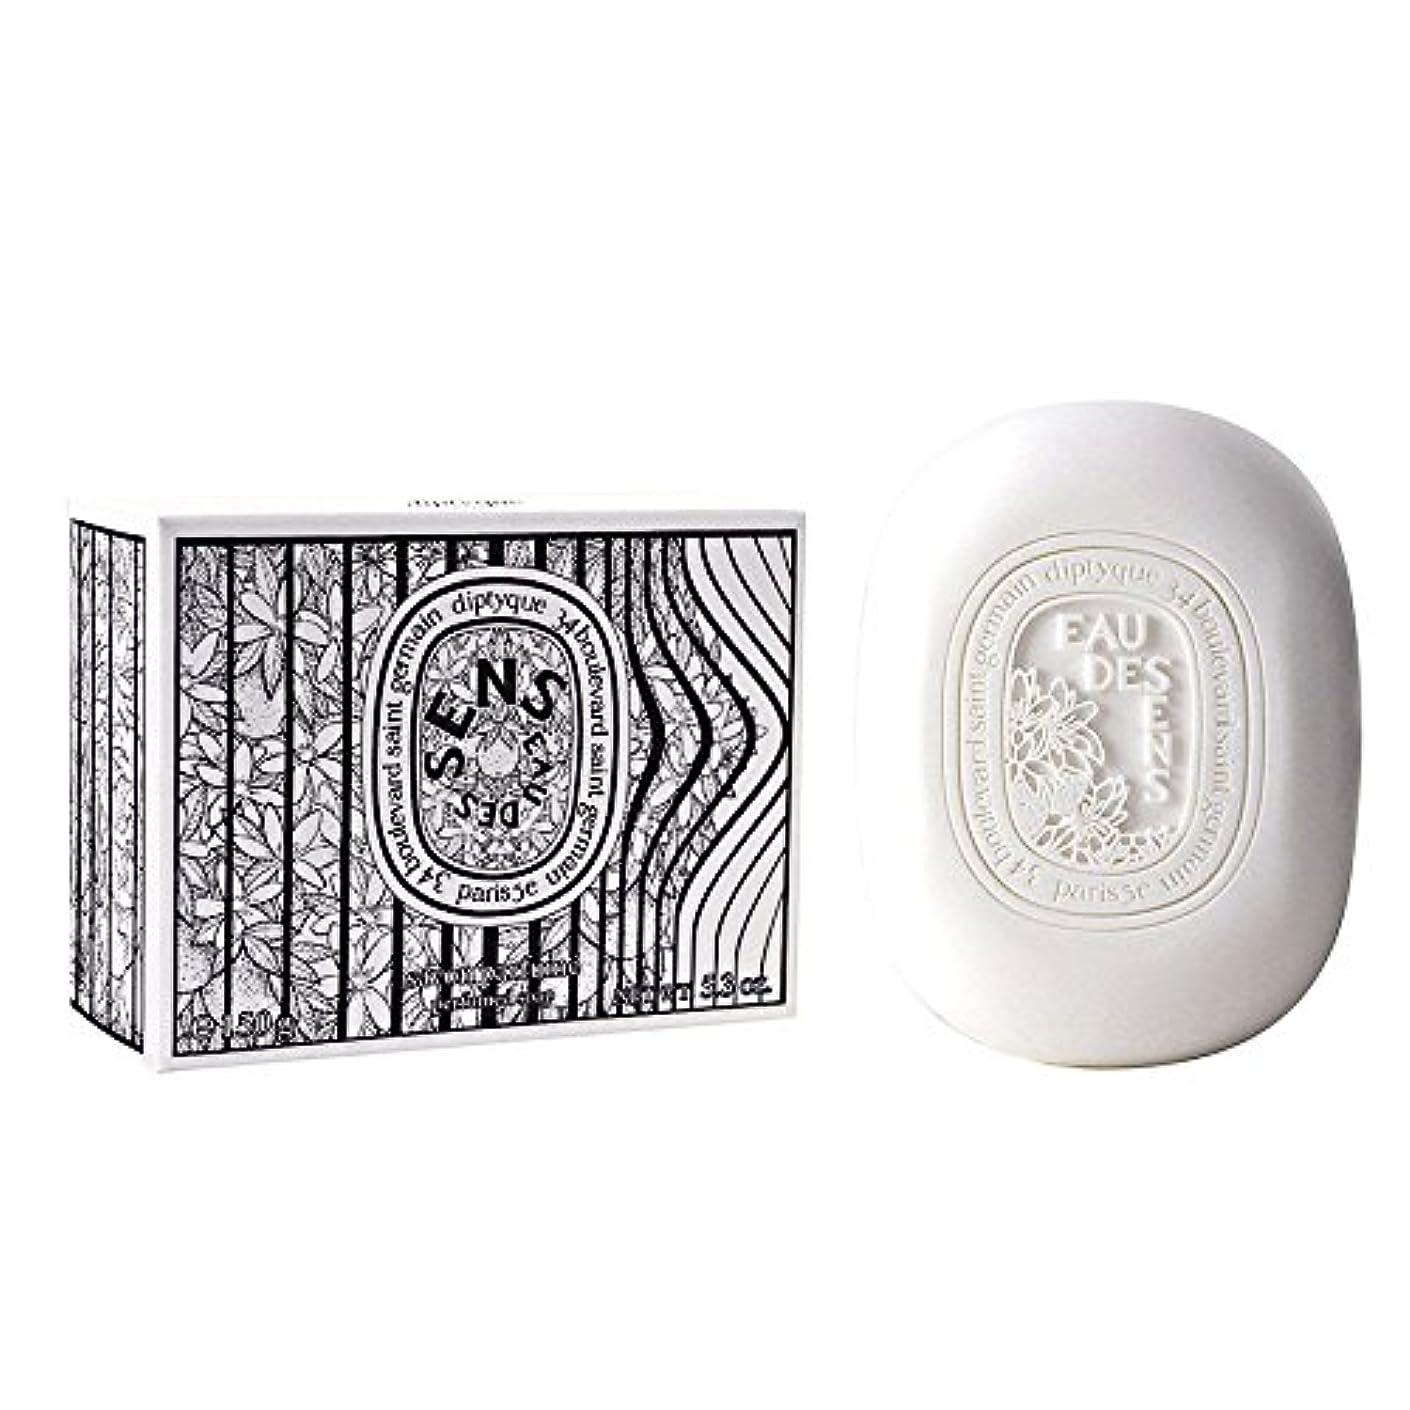 ミュージカルエントリ哀れなDiptyque Eau Des Sens (ディプティック オー デ センス) 150g Soap (石けん) for Women